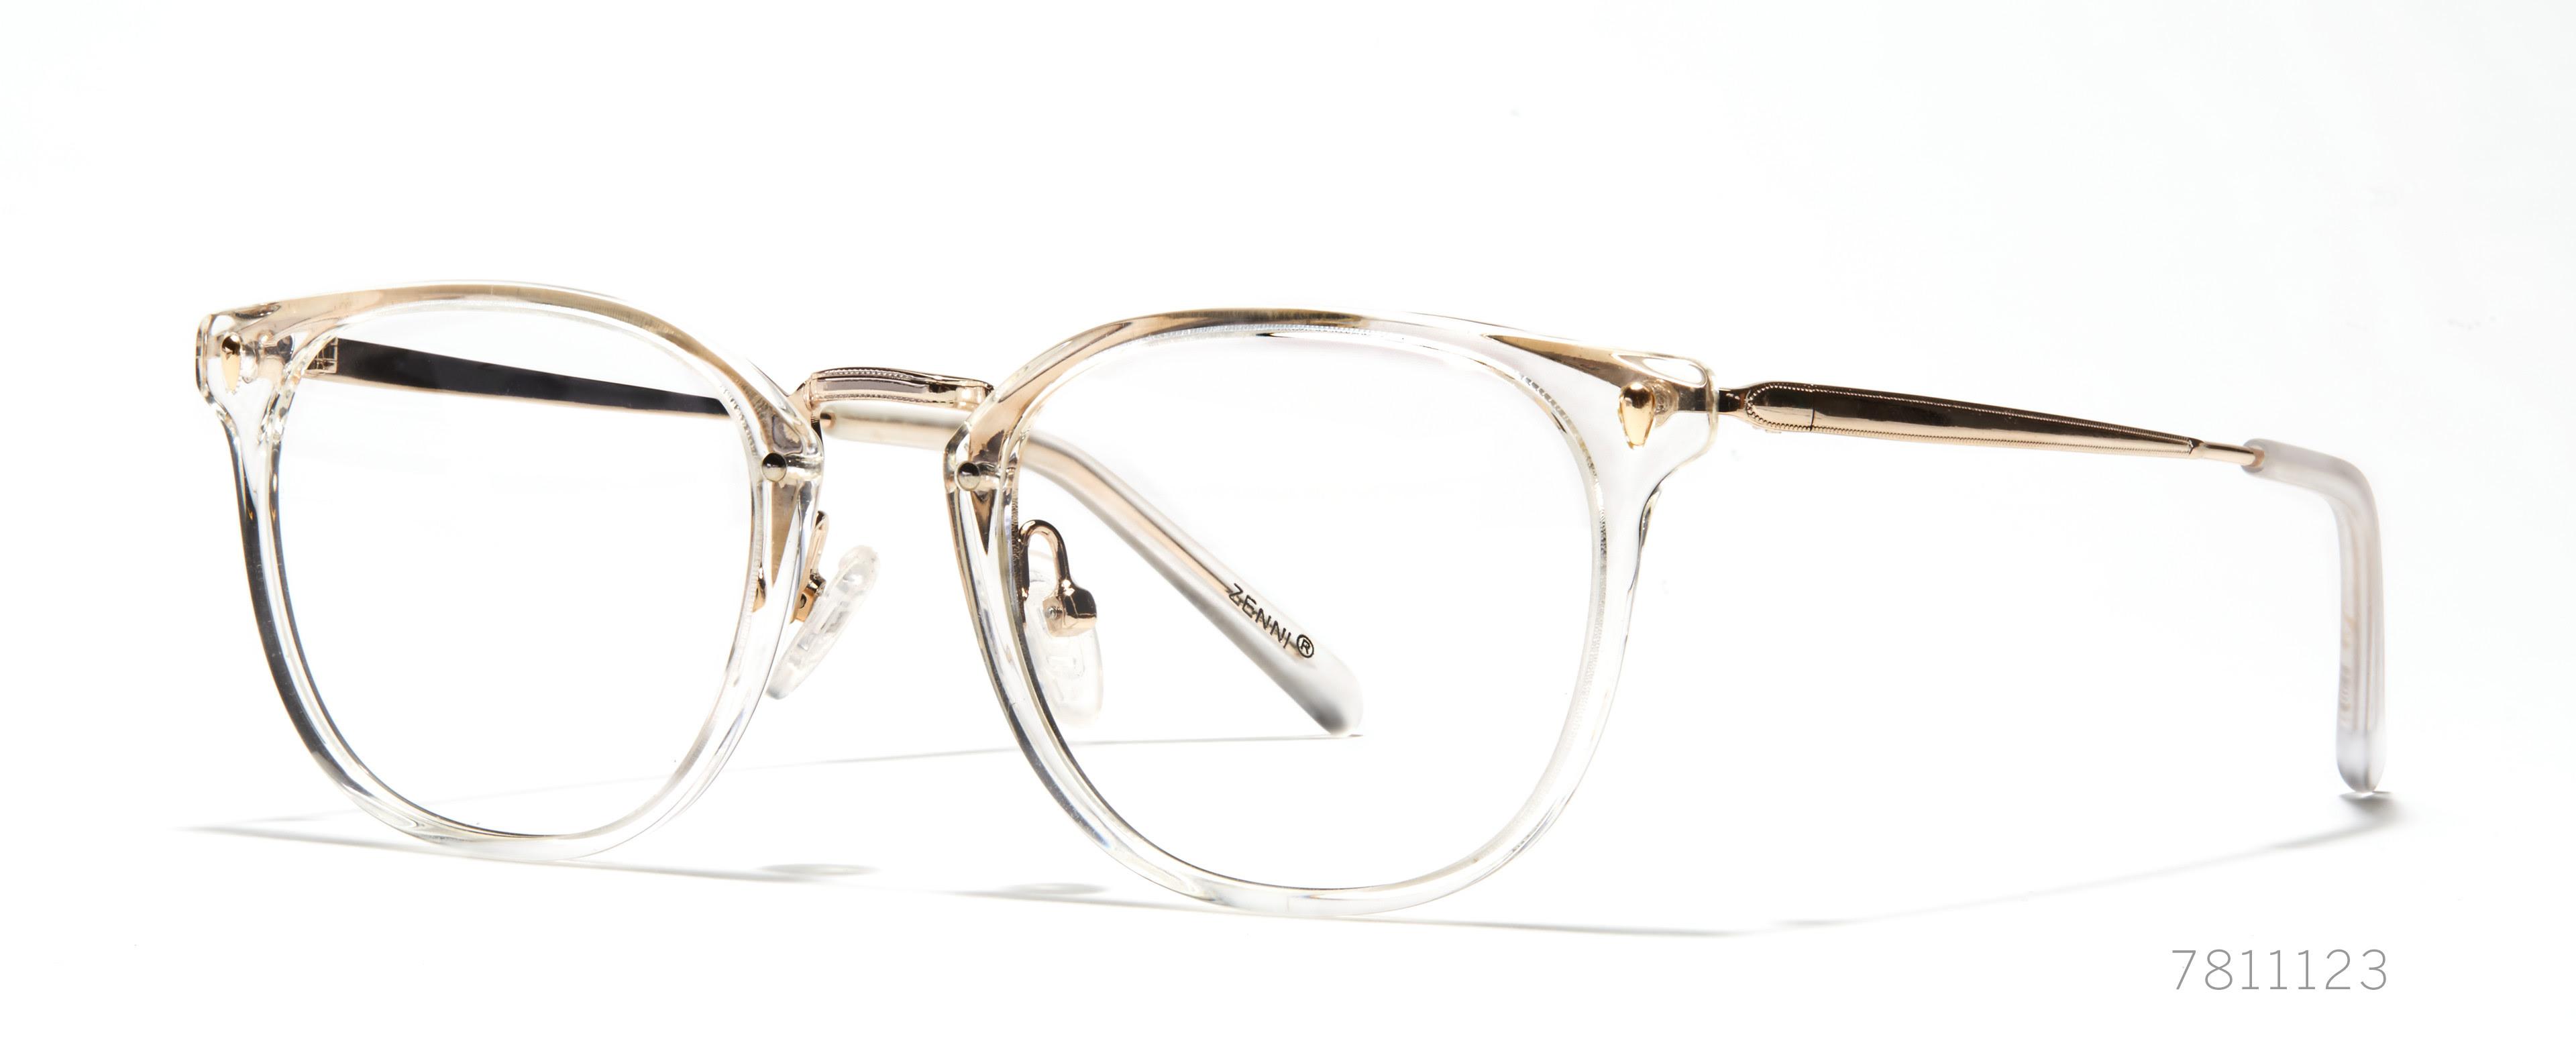 Glasses For Round Faces 10 Glasses For Round Faces Zenni Optical